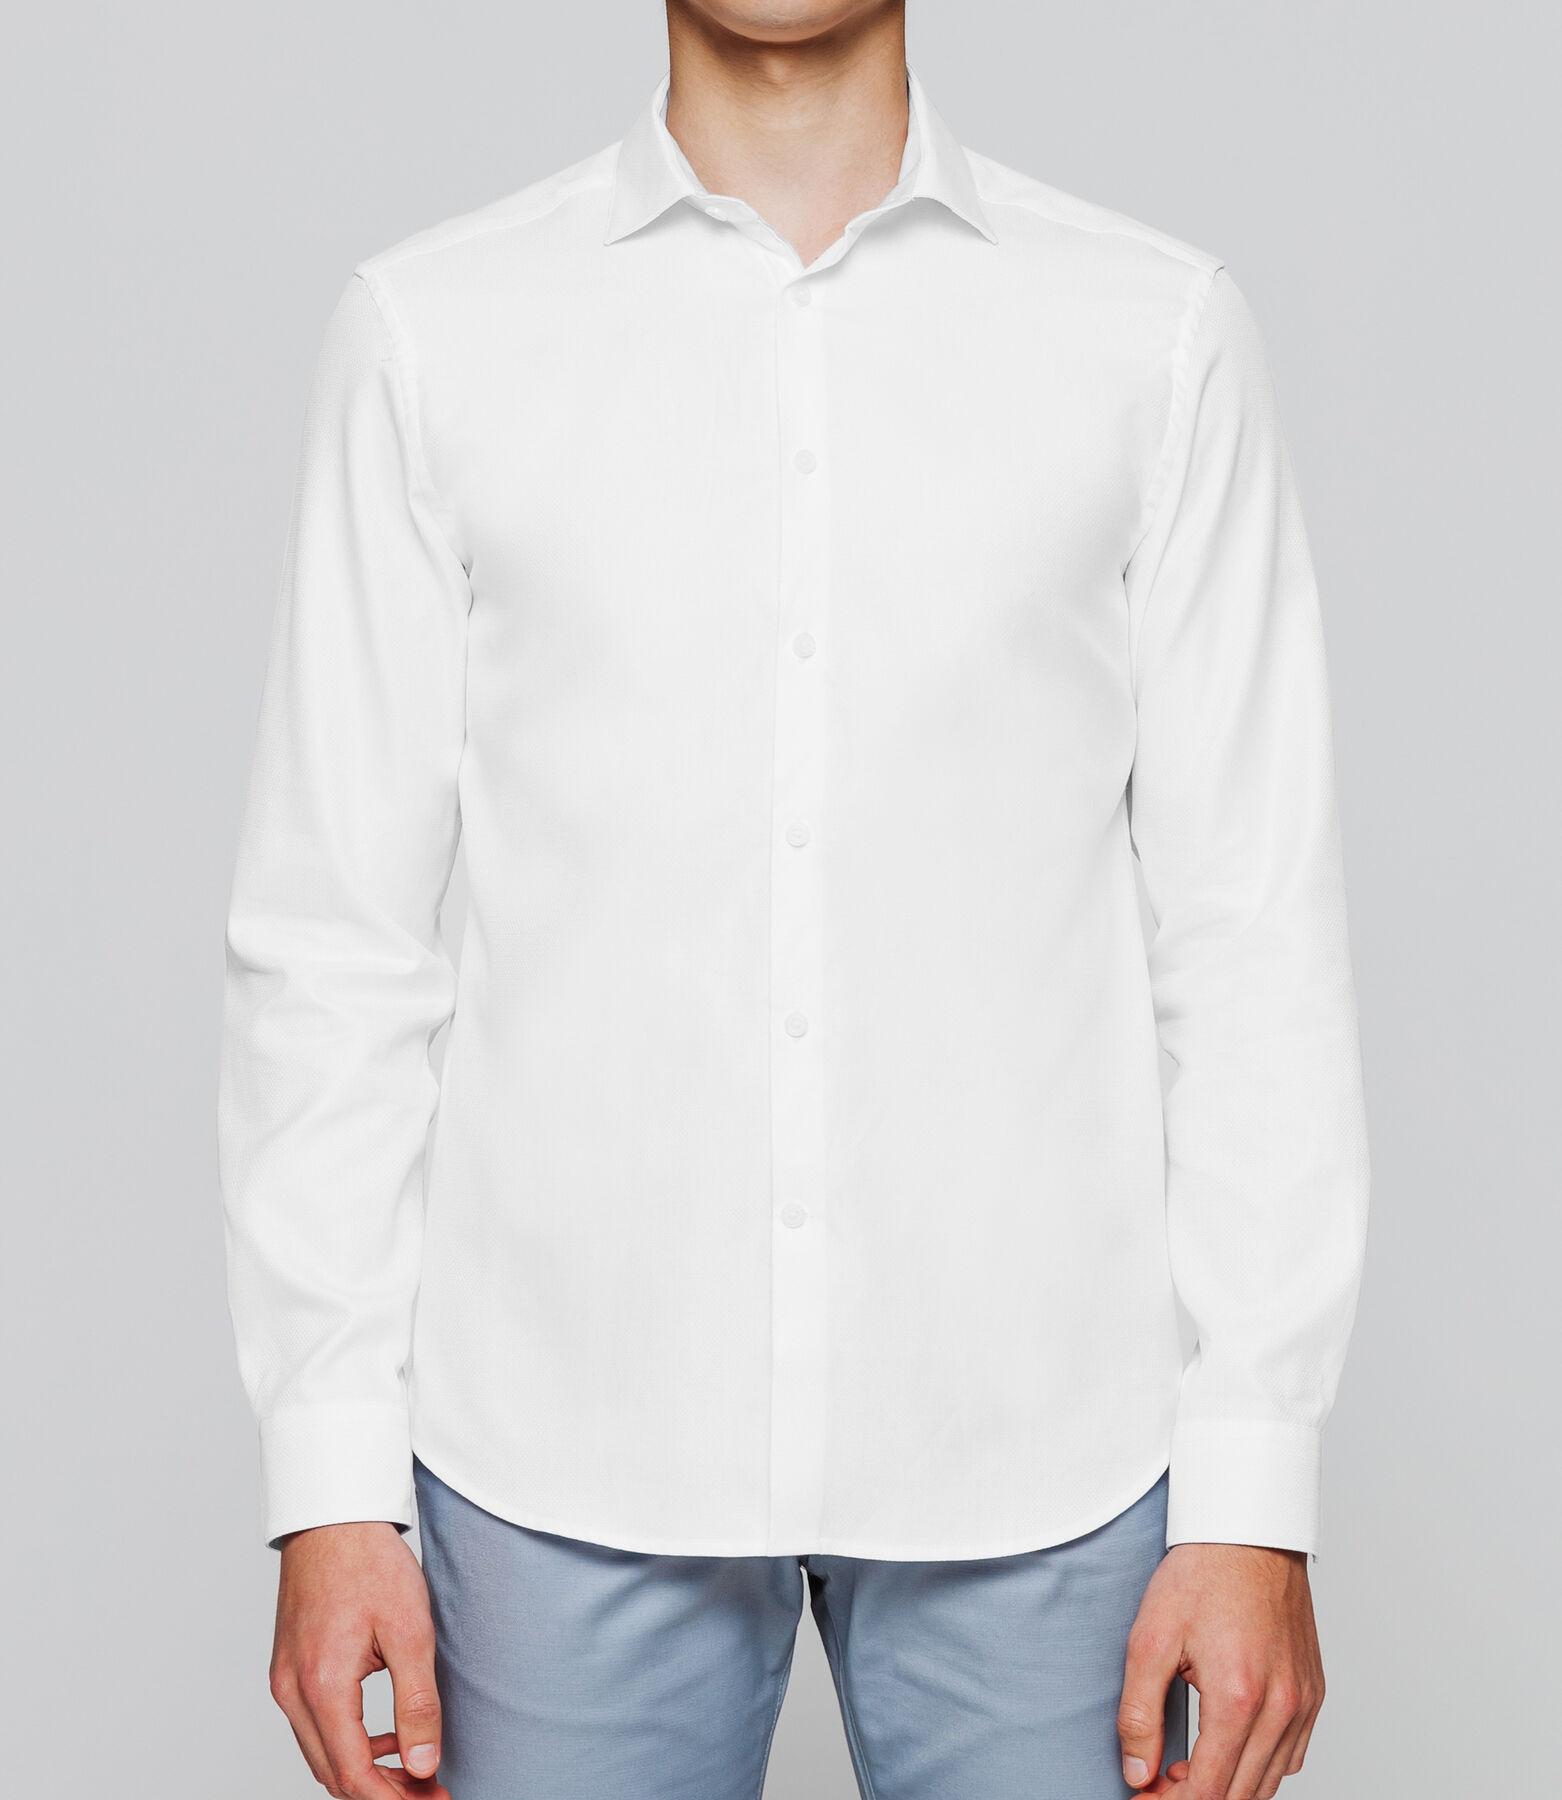 Chemise coupe droite avec poignets doubles